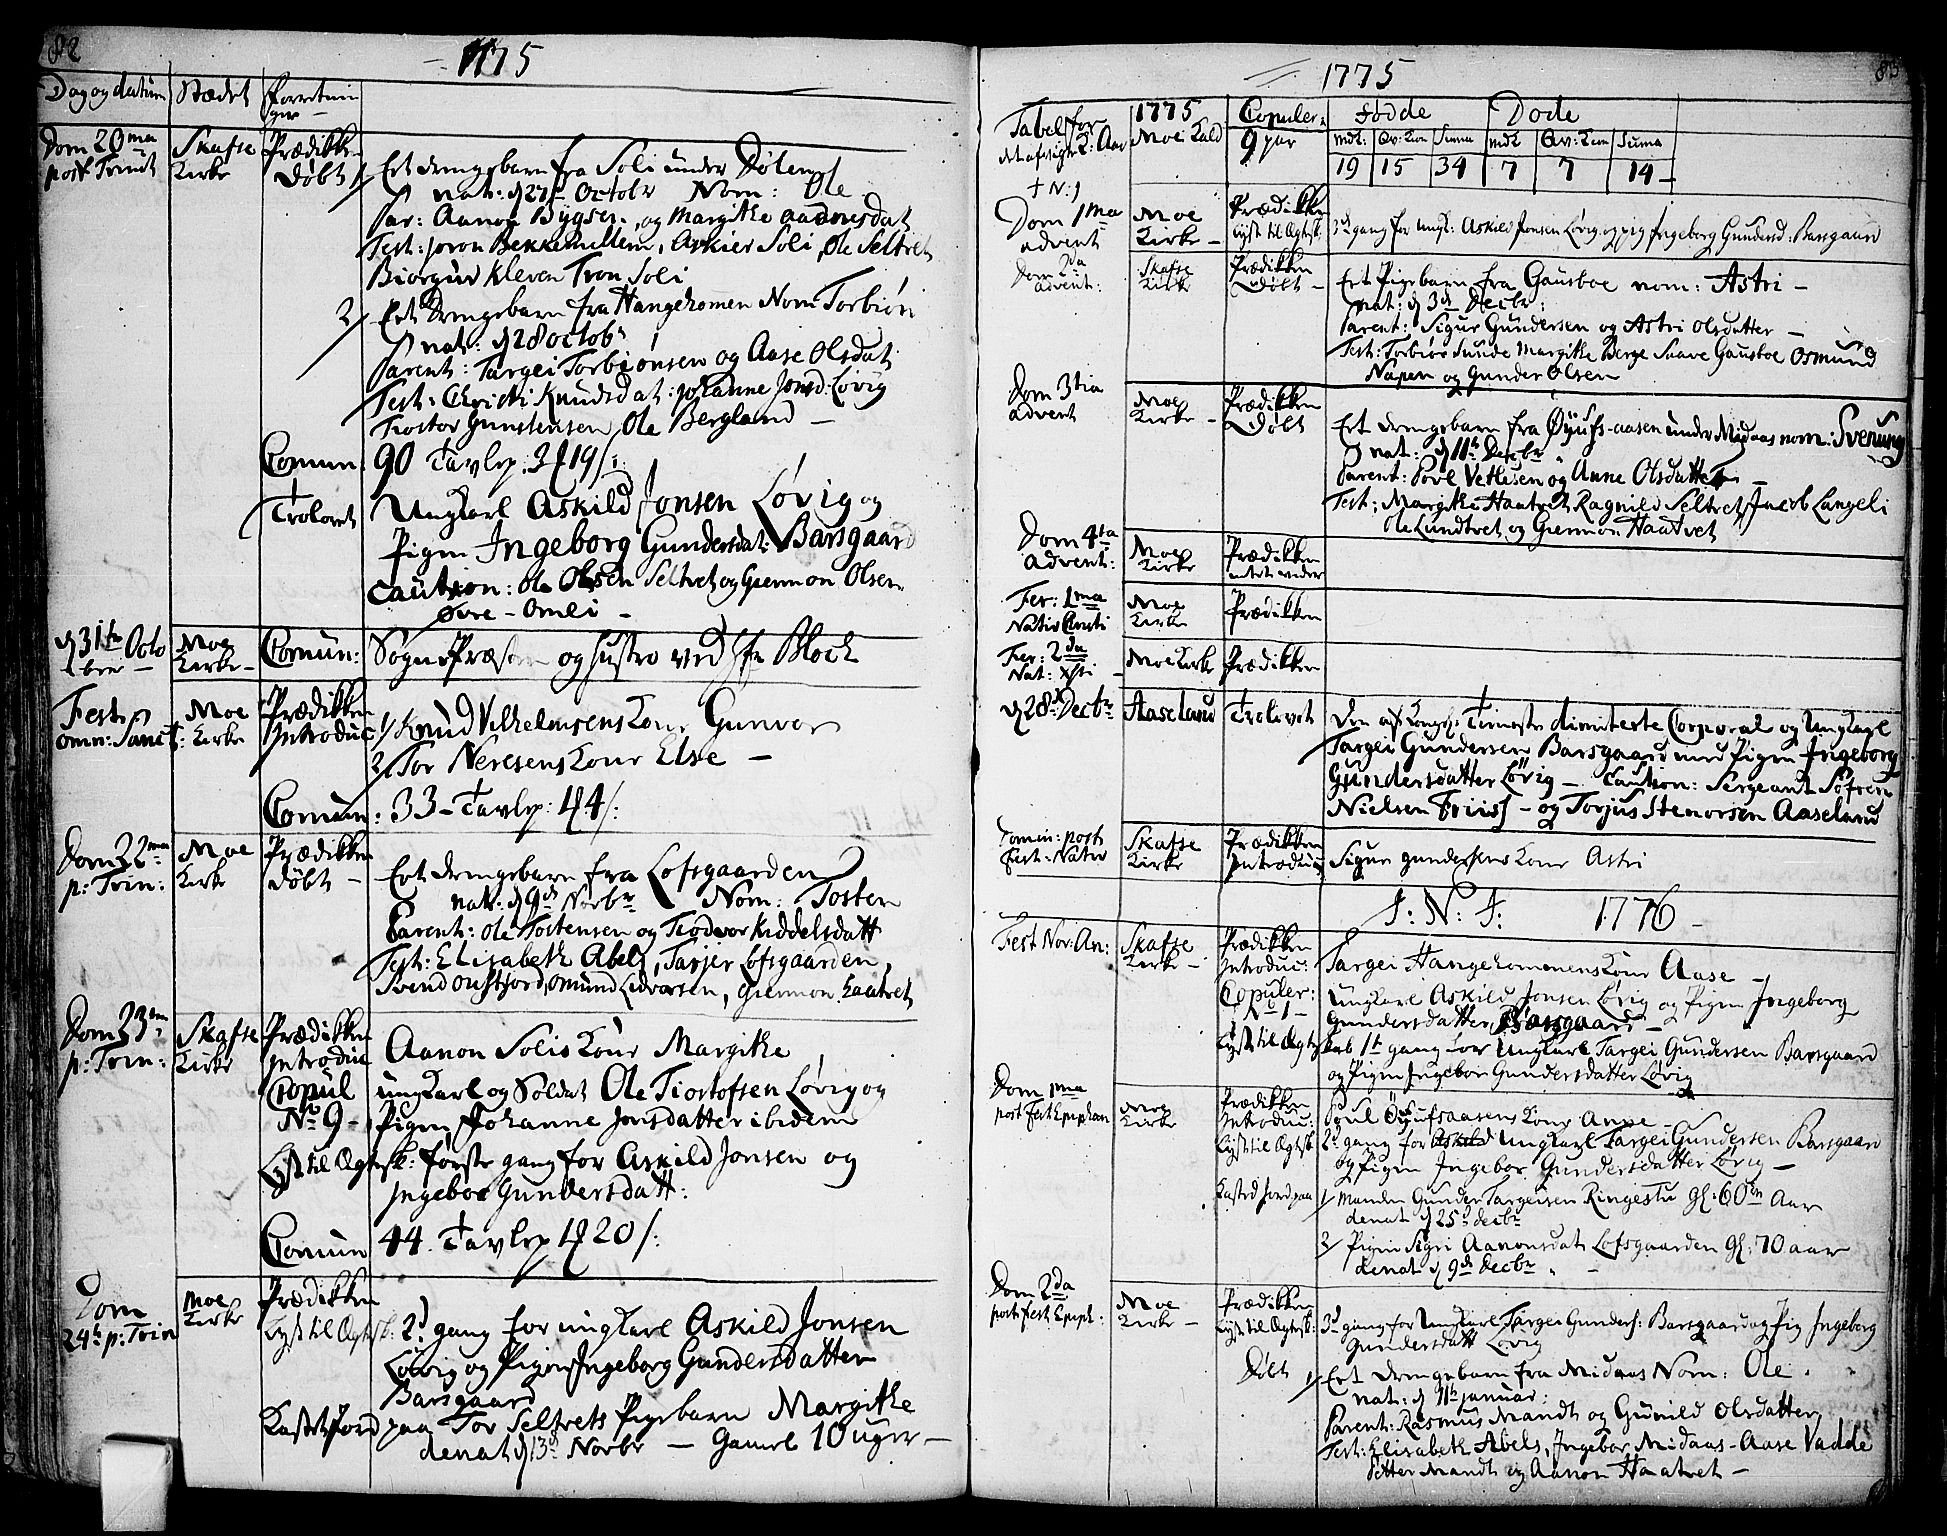 SAKO, Mo kirkebøker, F/Fa/L0002: Ministerialbok nr. I 2, 1766-1799, s. 82-83